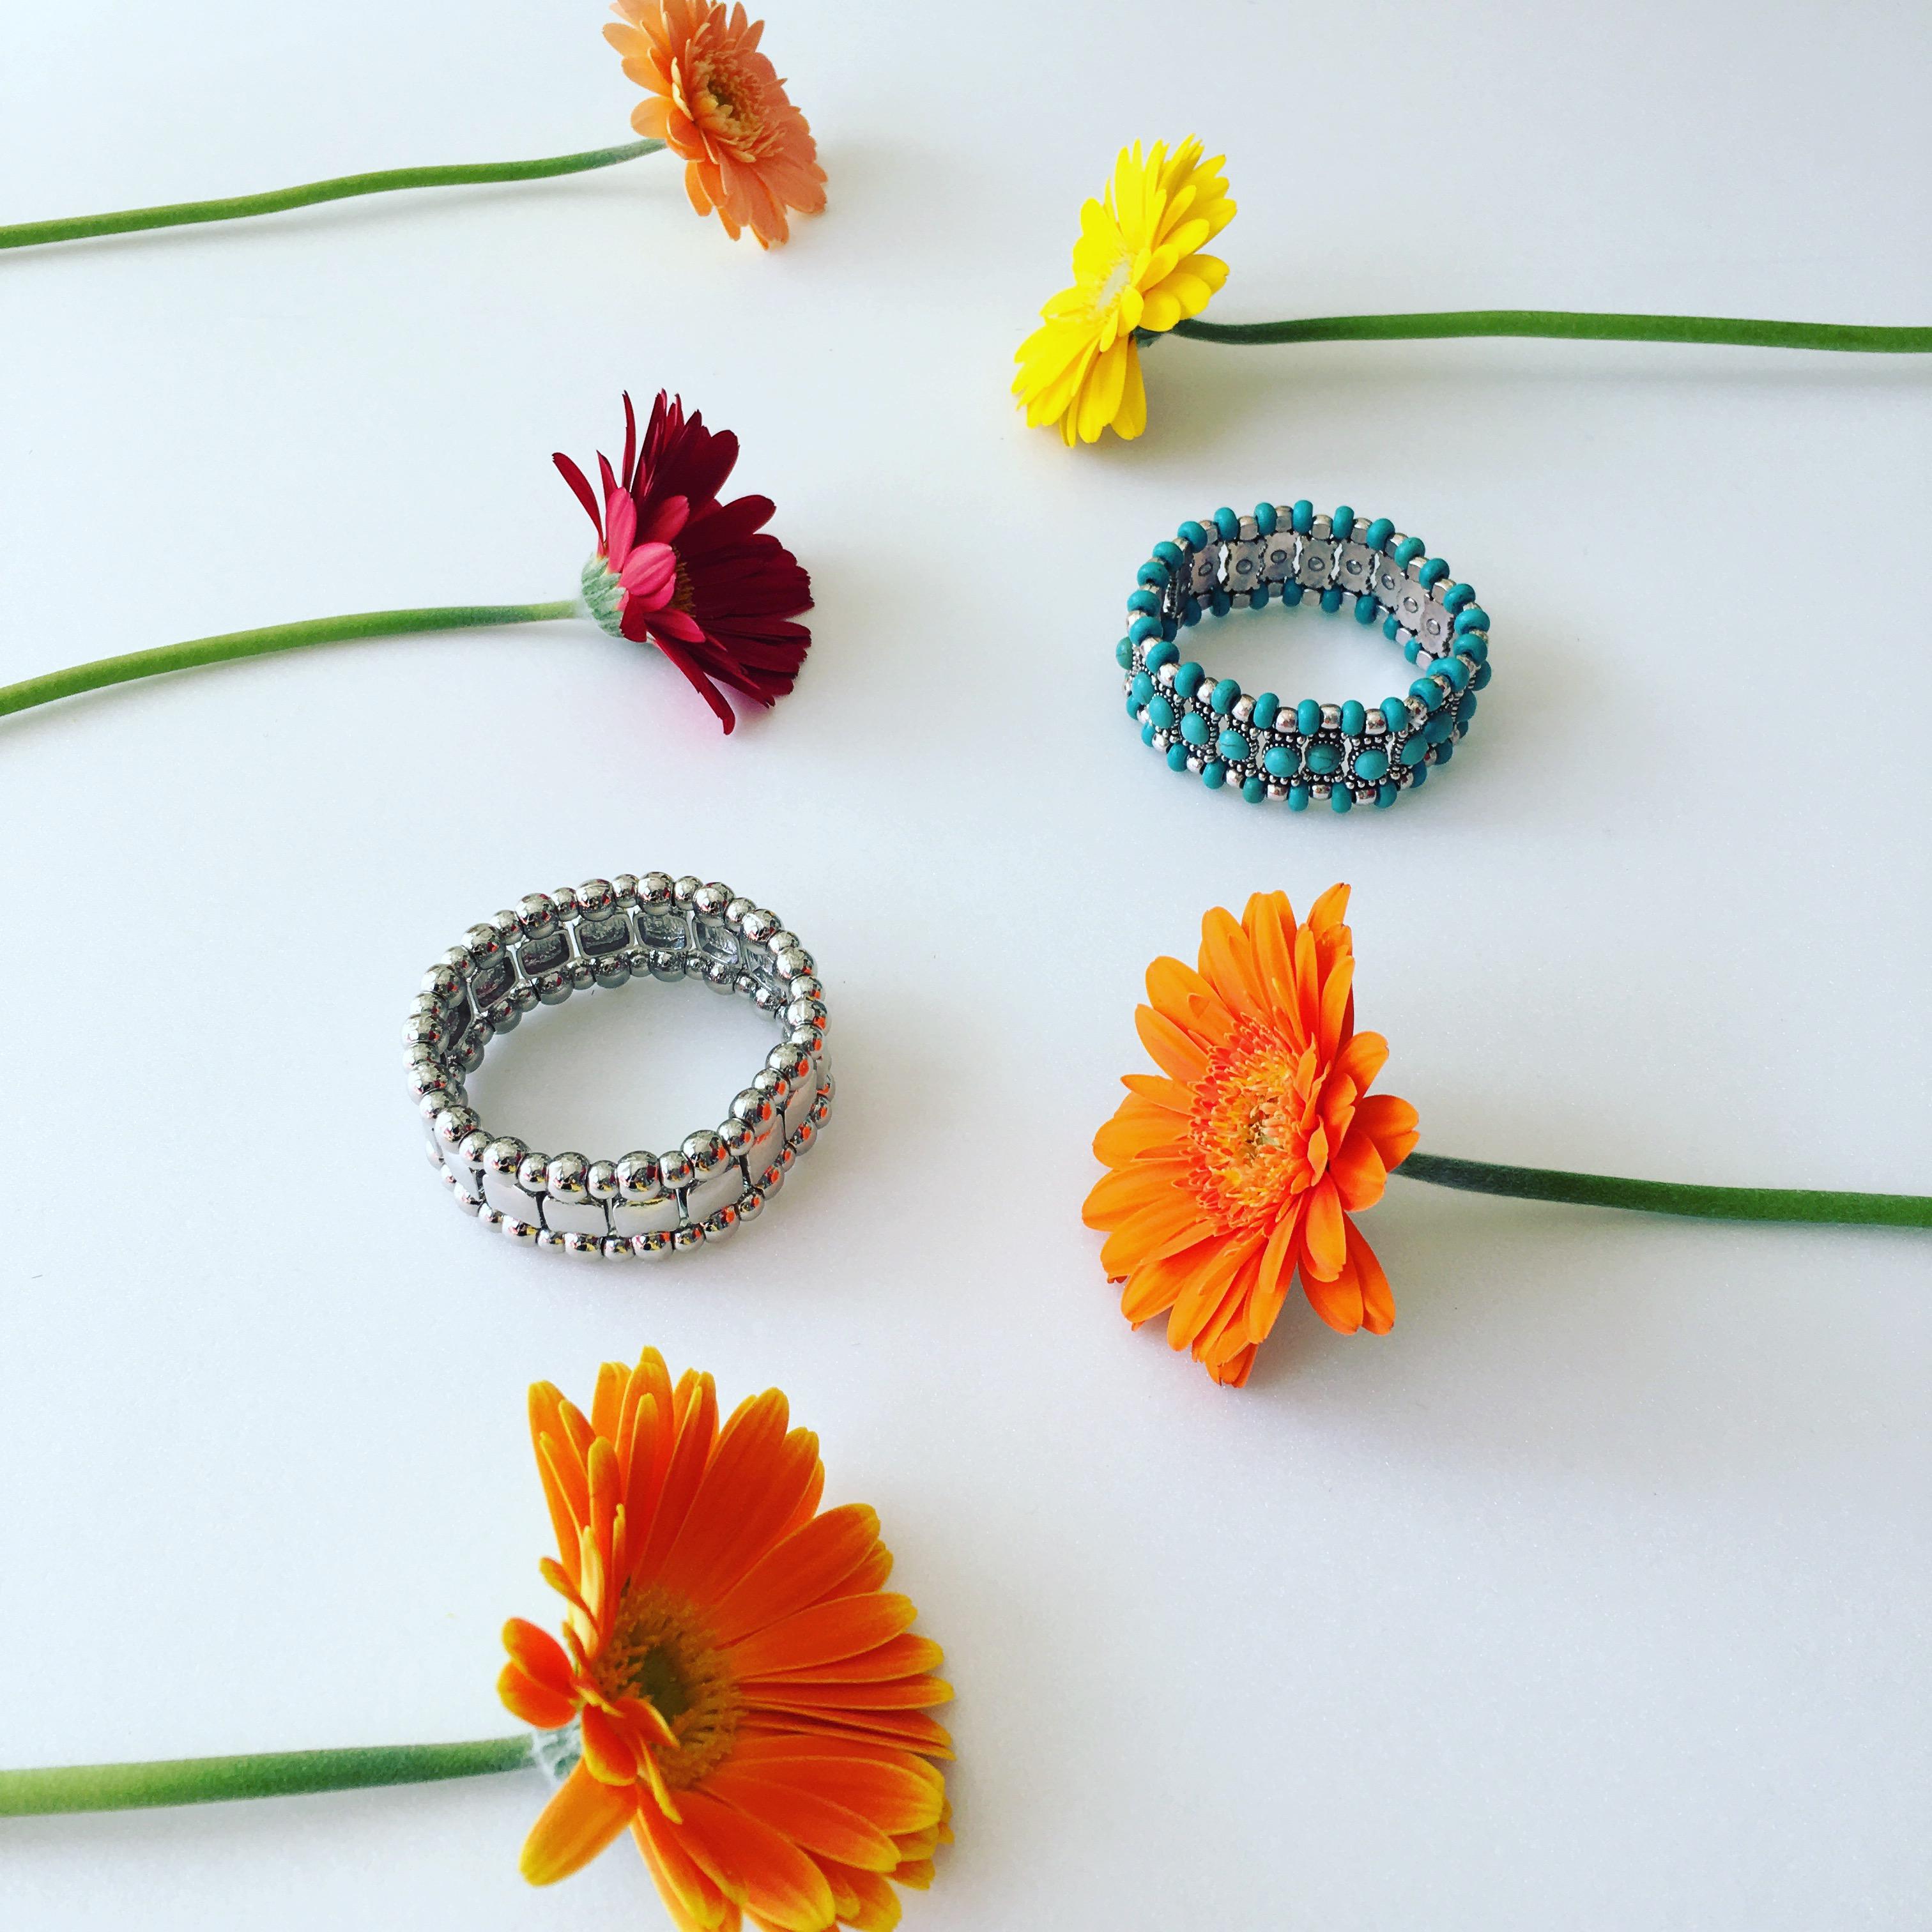 春は花の色が目に鮮やかに写りますね!ターコイズカラーのブレスレット可愛いです(*^^*)